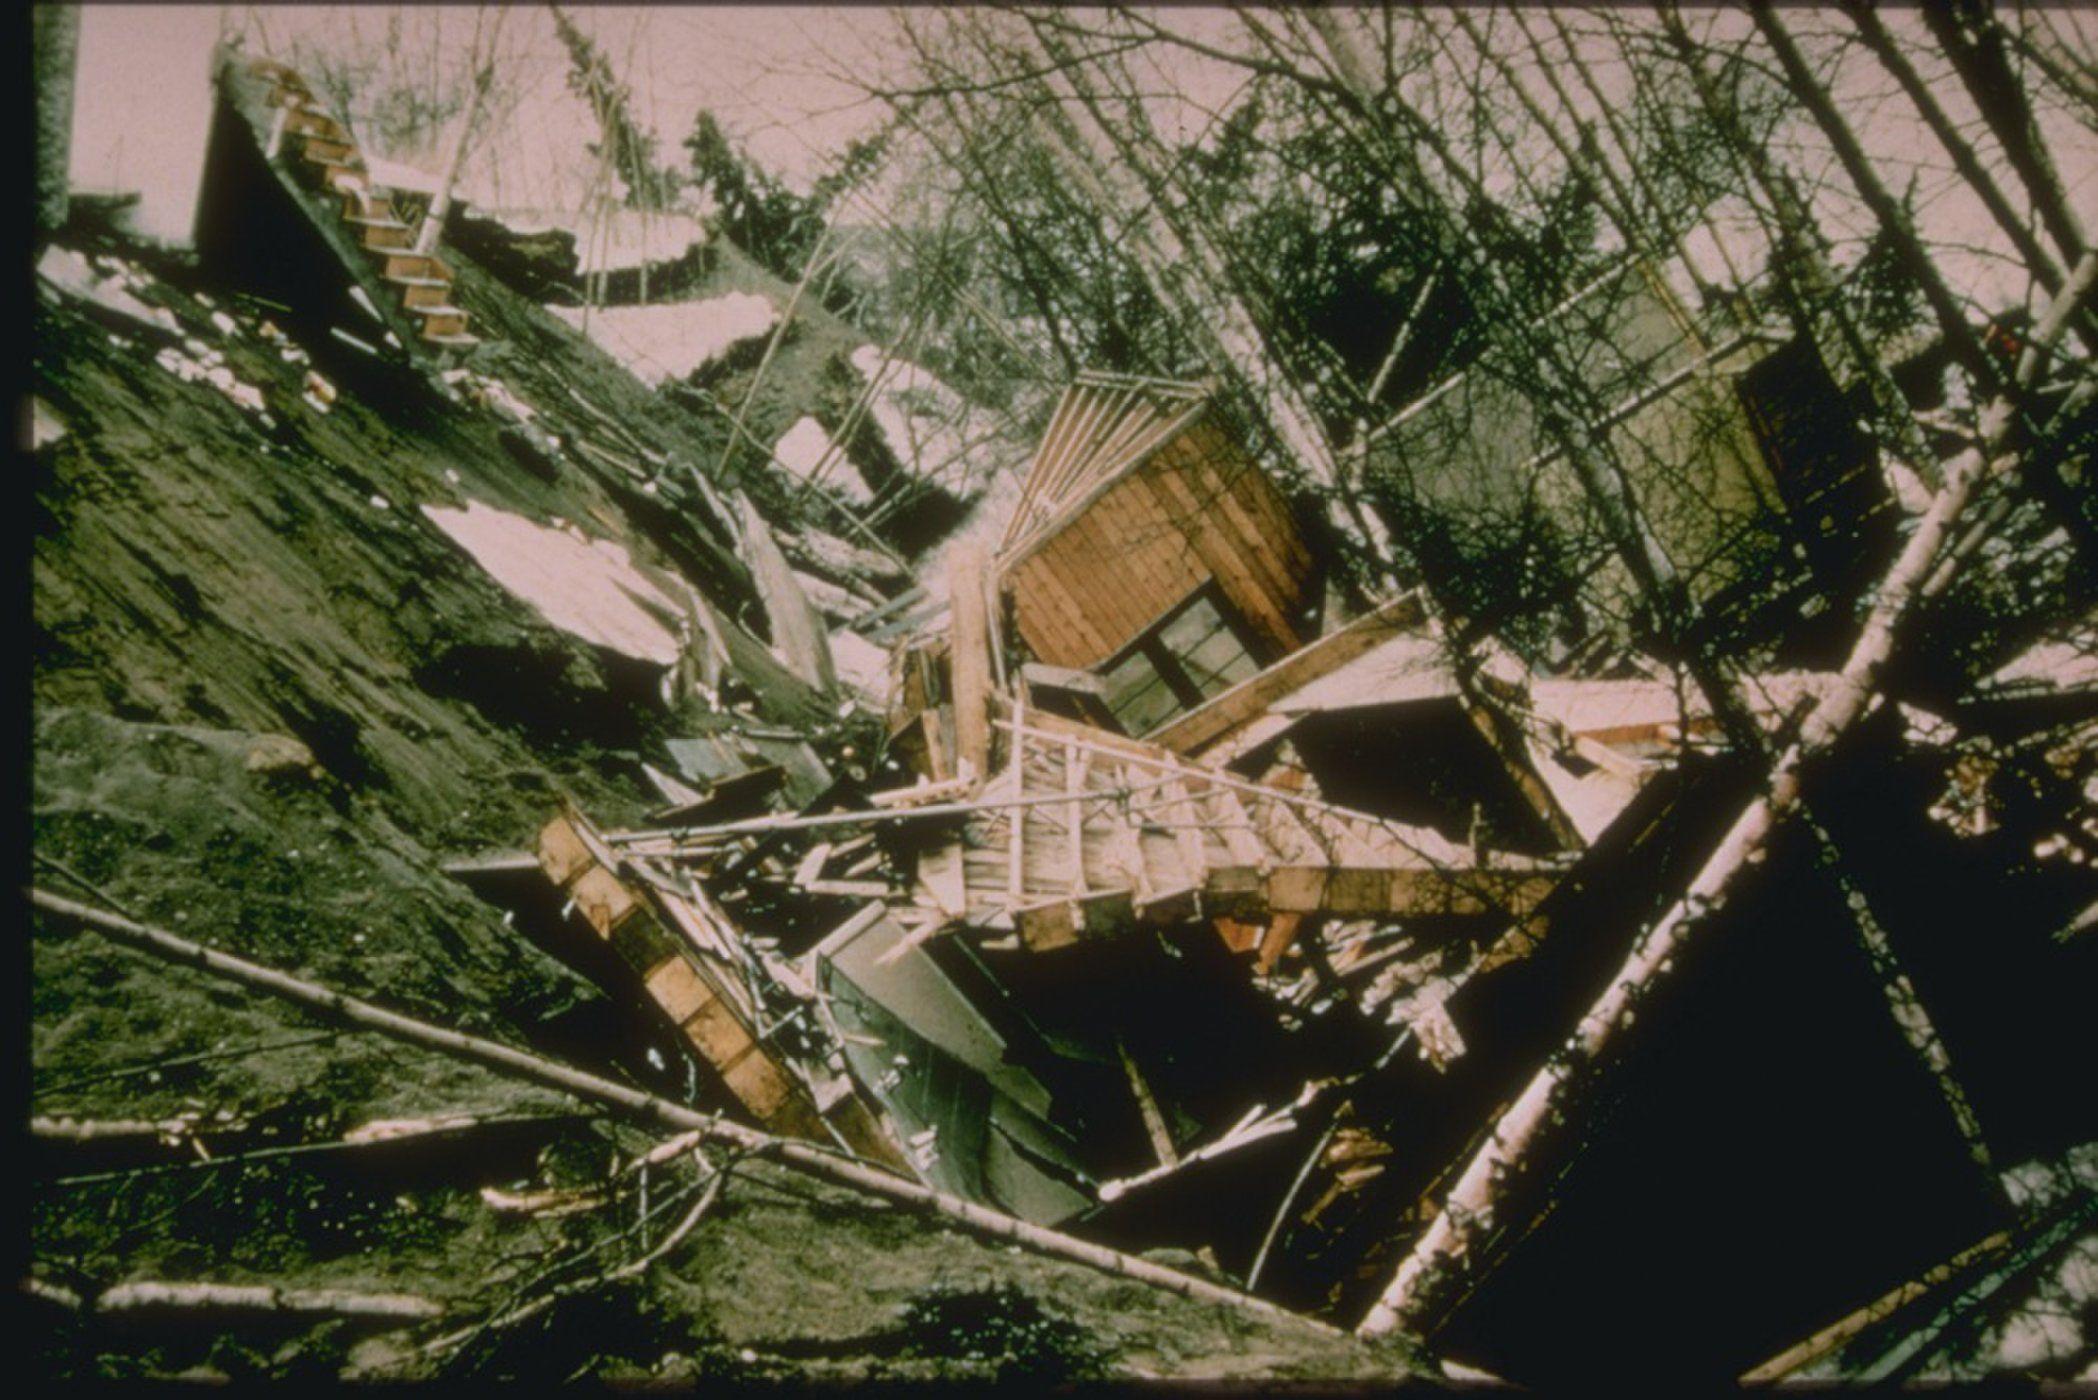 Gallery The 1964 Great Alaska Earthquake Earthquake Alaska Natural Disasters